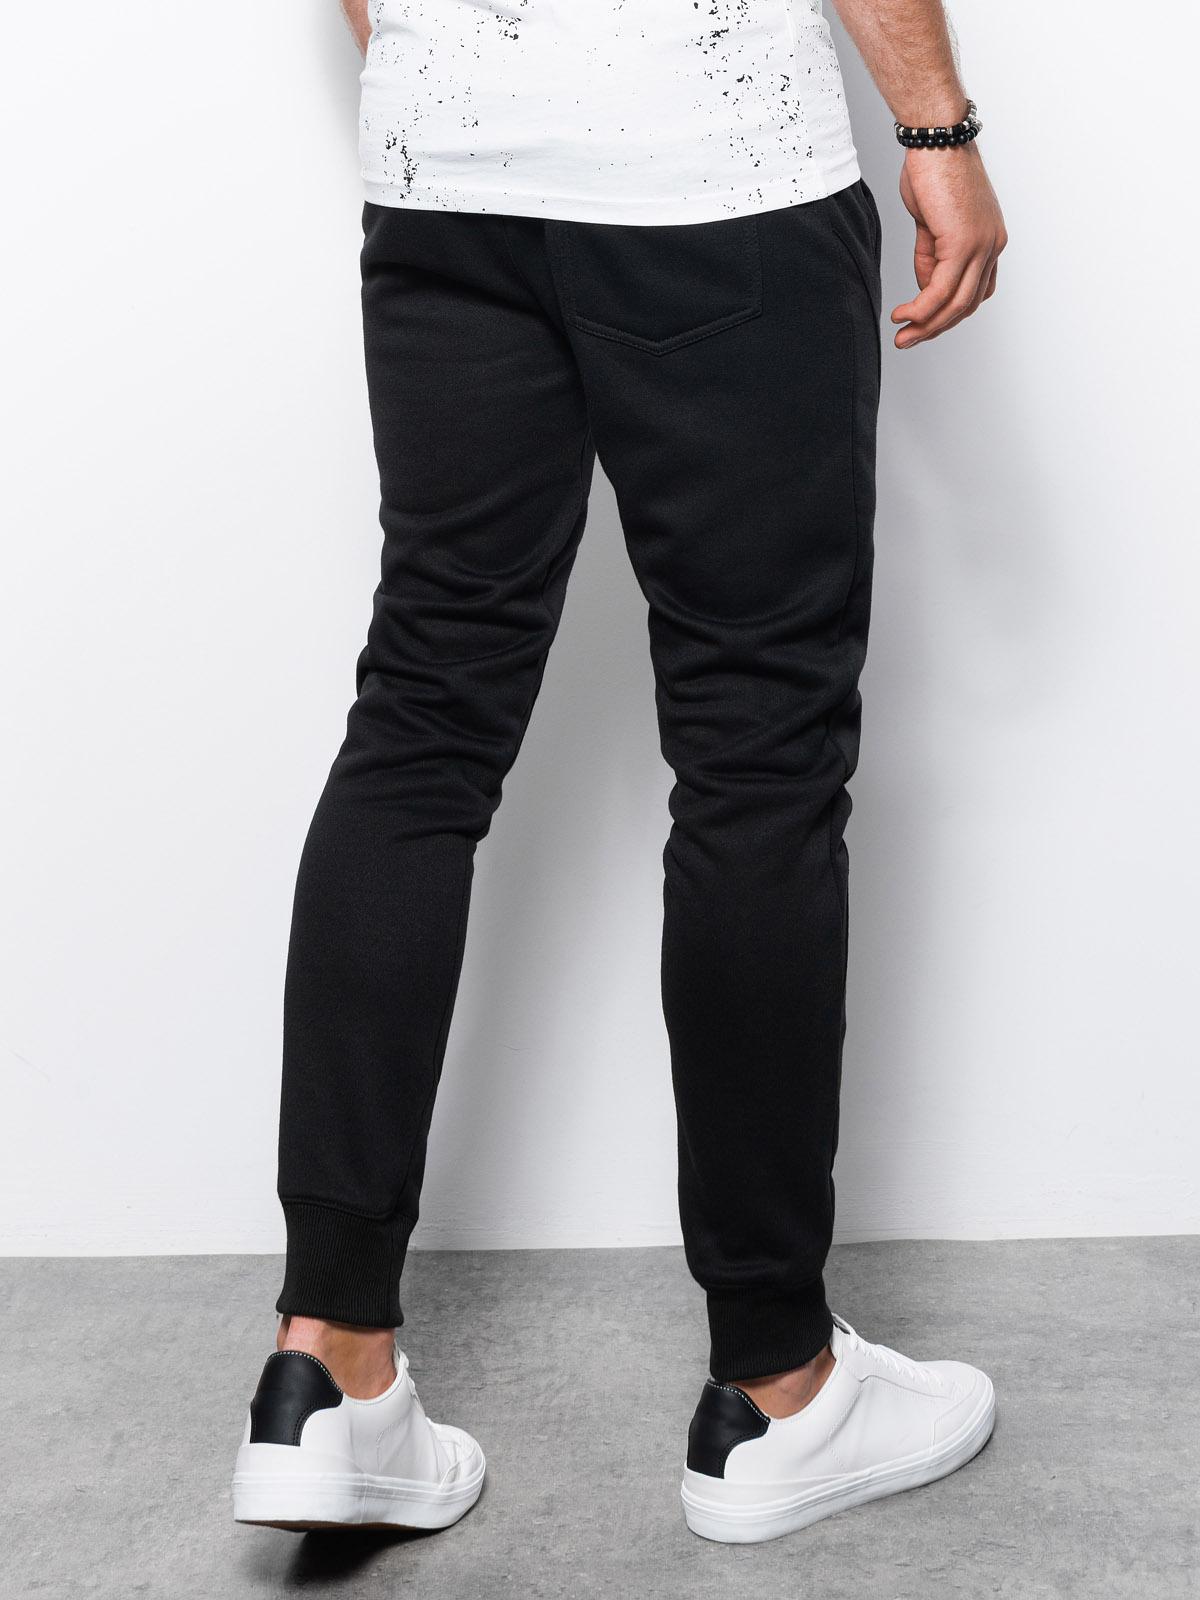 Spodnie męskie dresowe joggery P867 - czarne